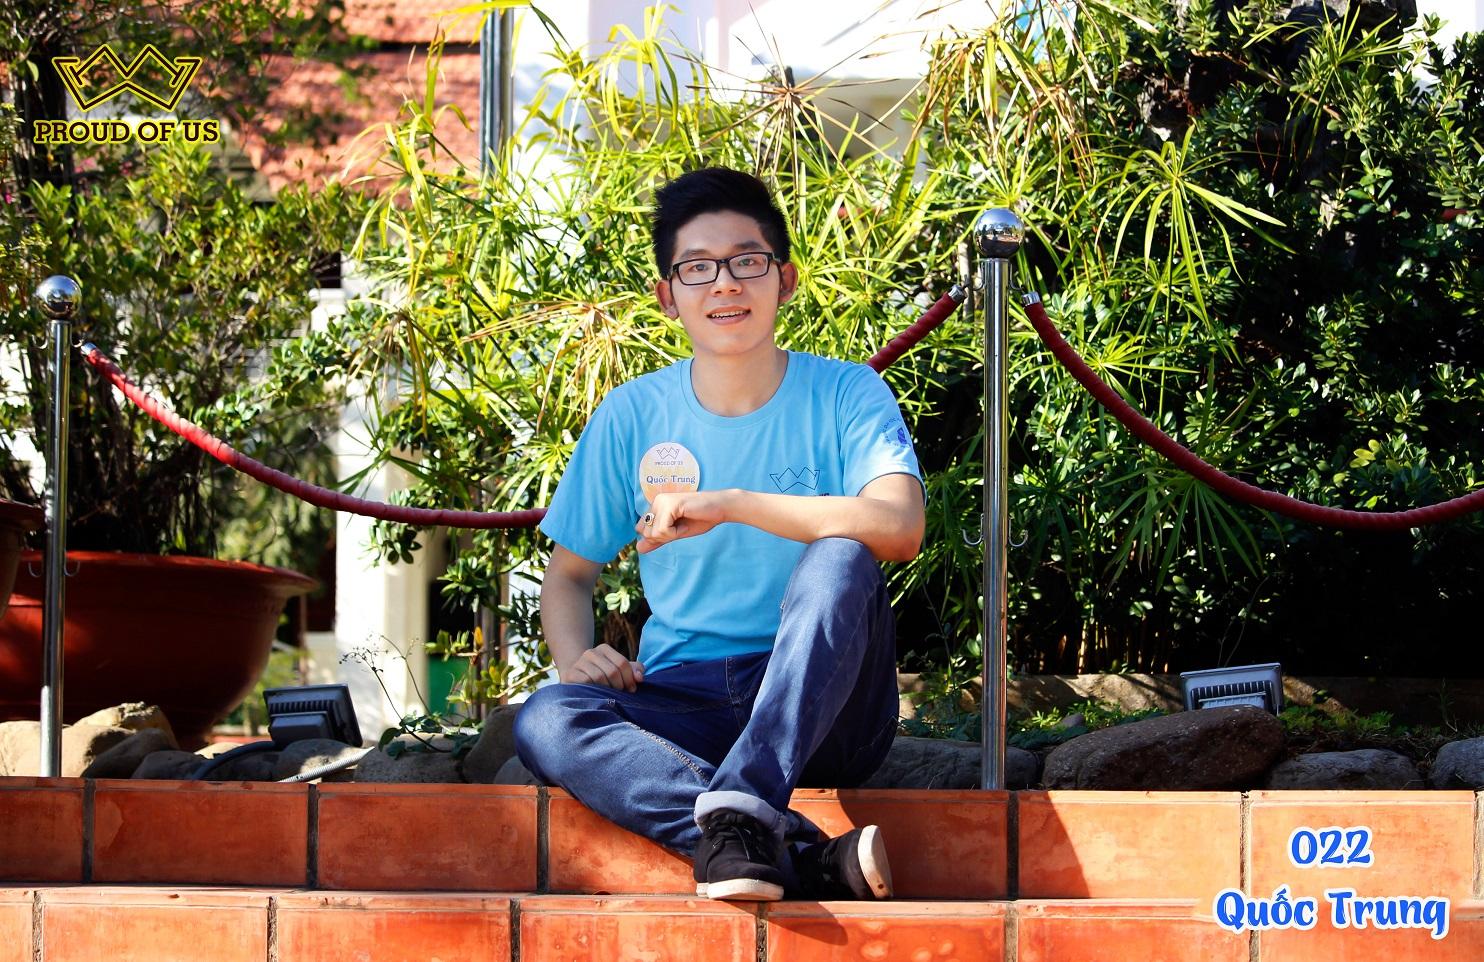 022 - Quoc Trung